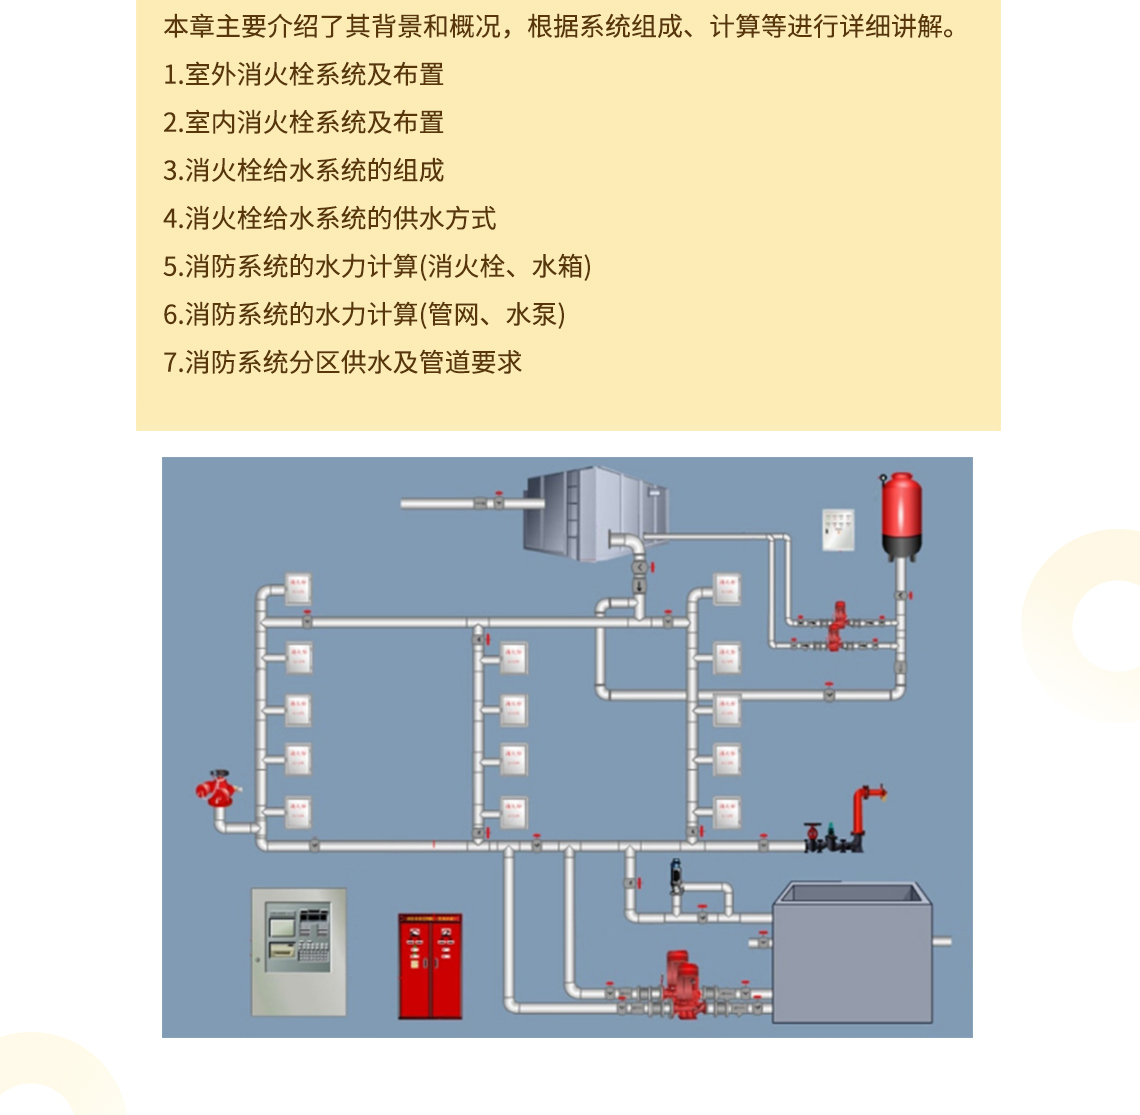 消火栓系统,喷淋系统,消防水池及泵房设计 课程结合实际案例对各知识点进行讲解,消防所涉及到的内容基本在本课程的案例讲课部分均得以体现。课程所涉及项目案例均为获奖工程,设计思路行业一流。  seo关键字:消火栓系统,喷淋系统,消防水池及泵房设计,水锤计算,消防设计